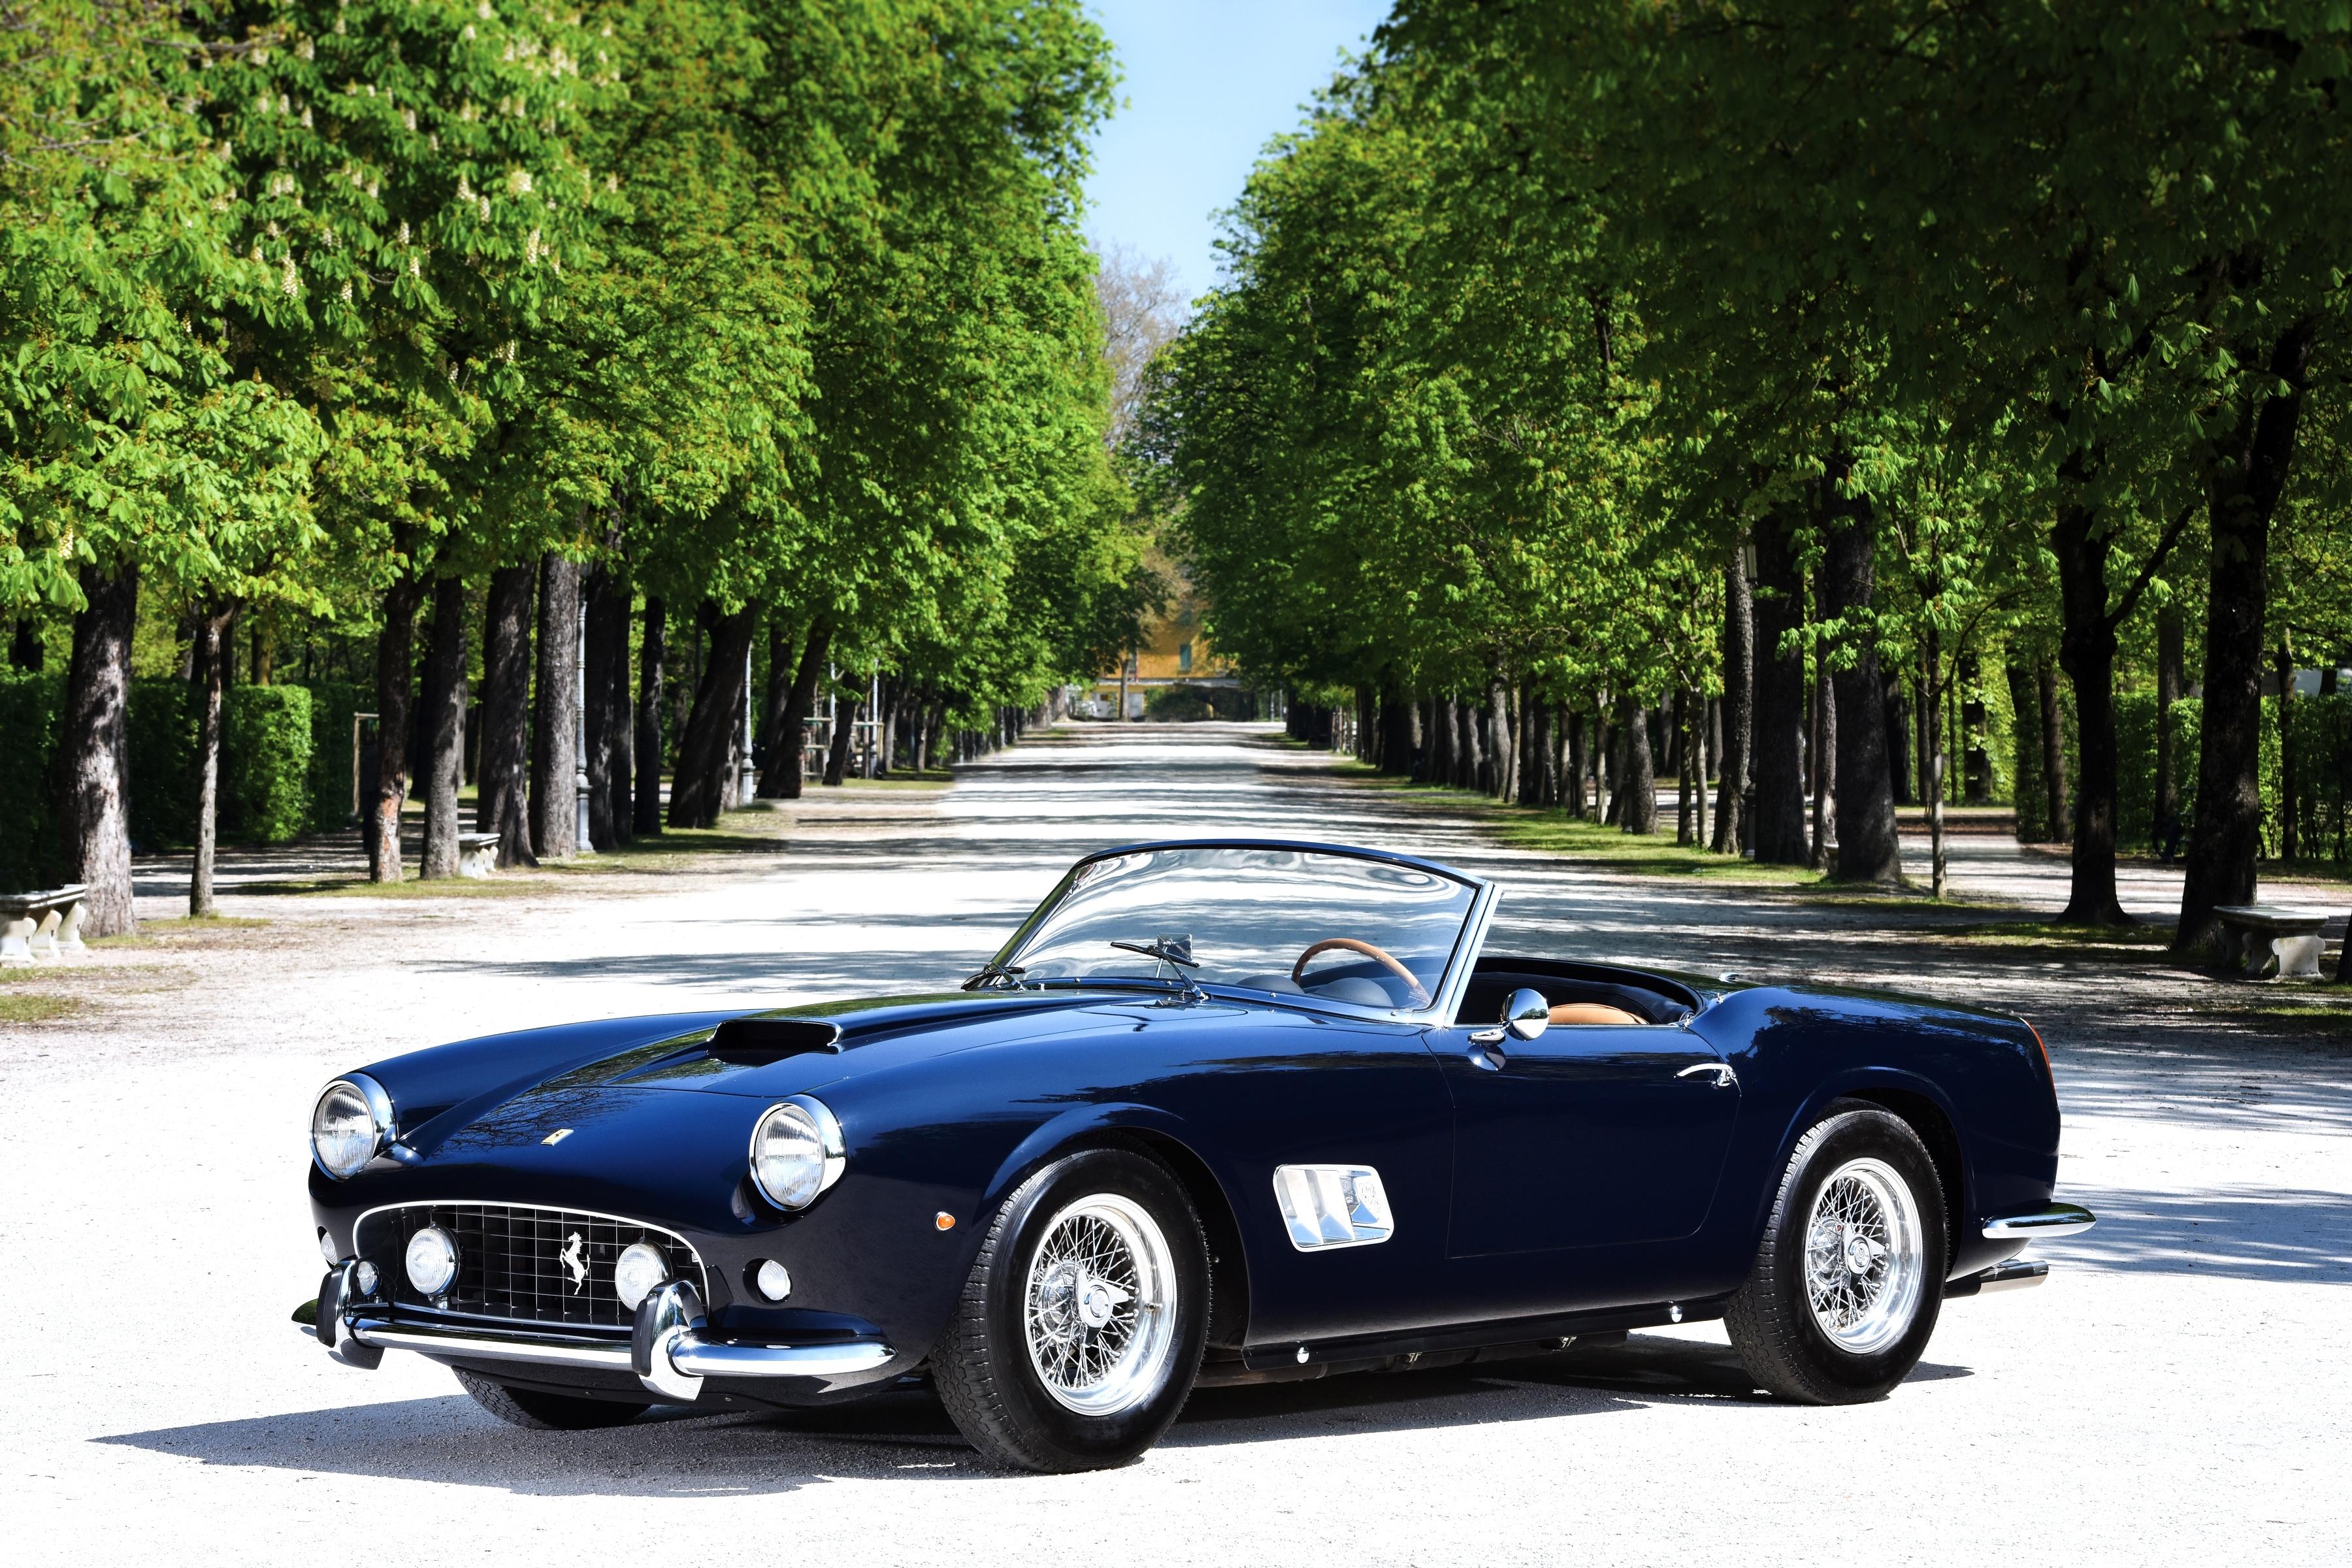 126807 papel de parede 720x1280 em seu telefone gratuitamente, baixe imagens Ferrari, Carros, O Preto, Cabriolet, Cabriolé, 250 Gt 720x1280 em seu celular